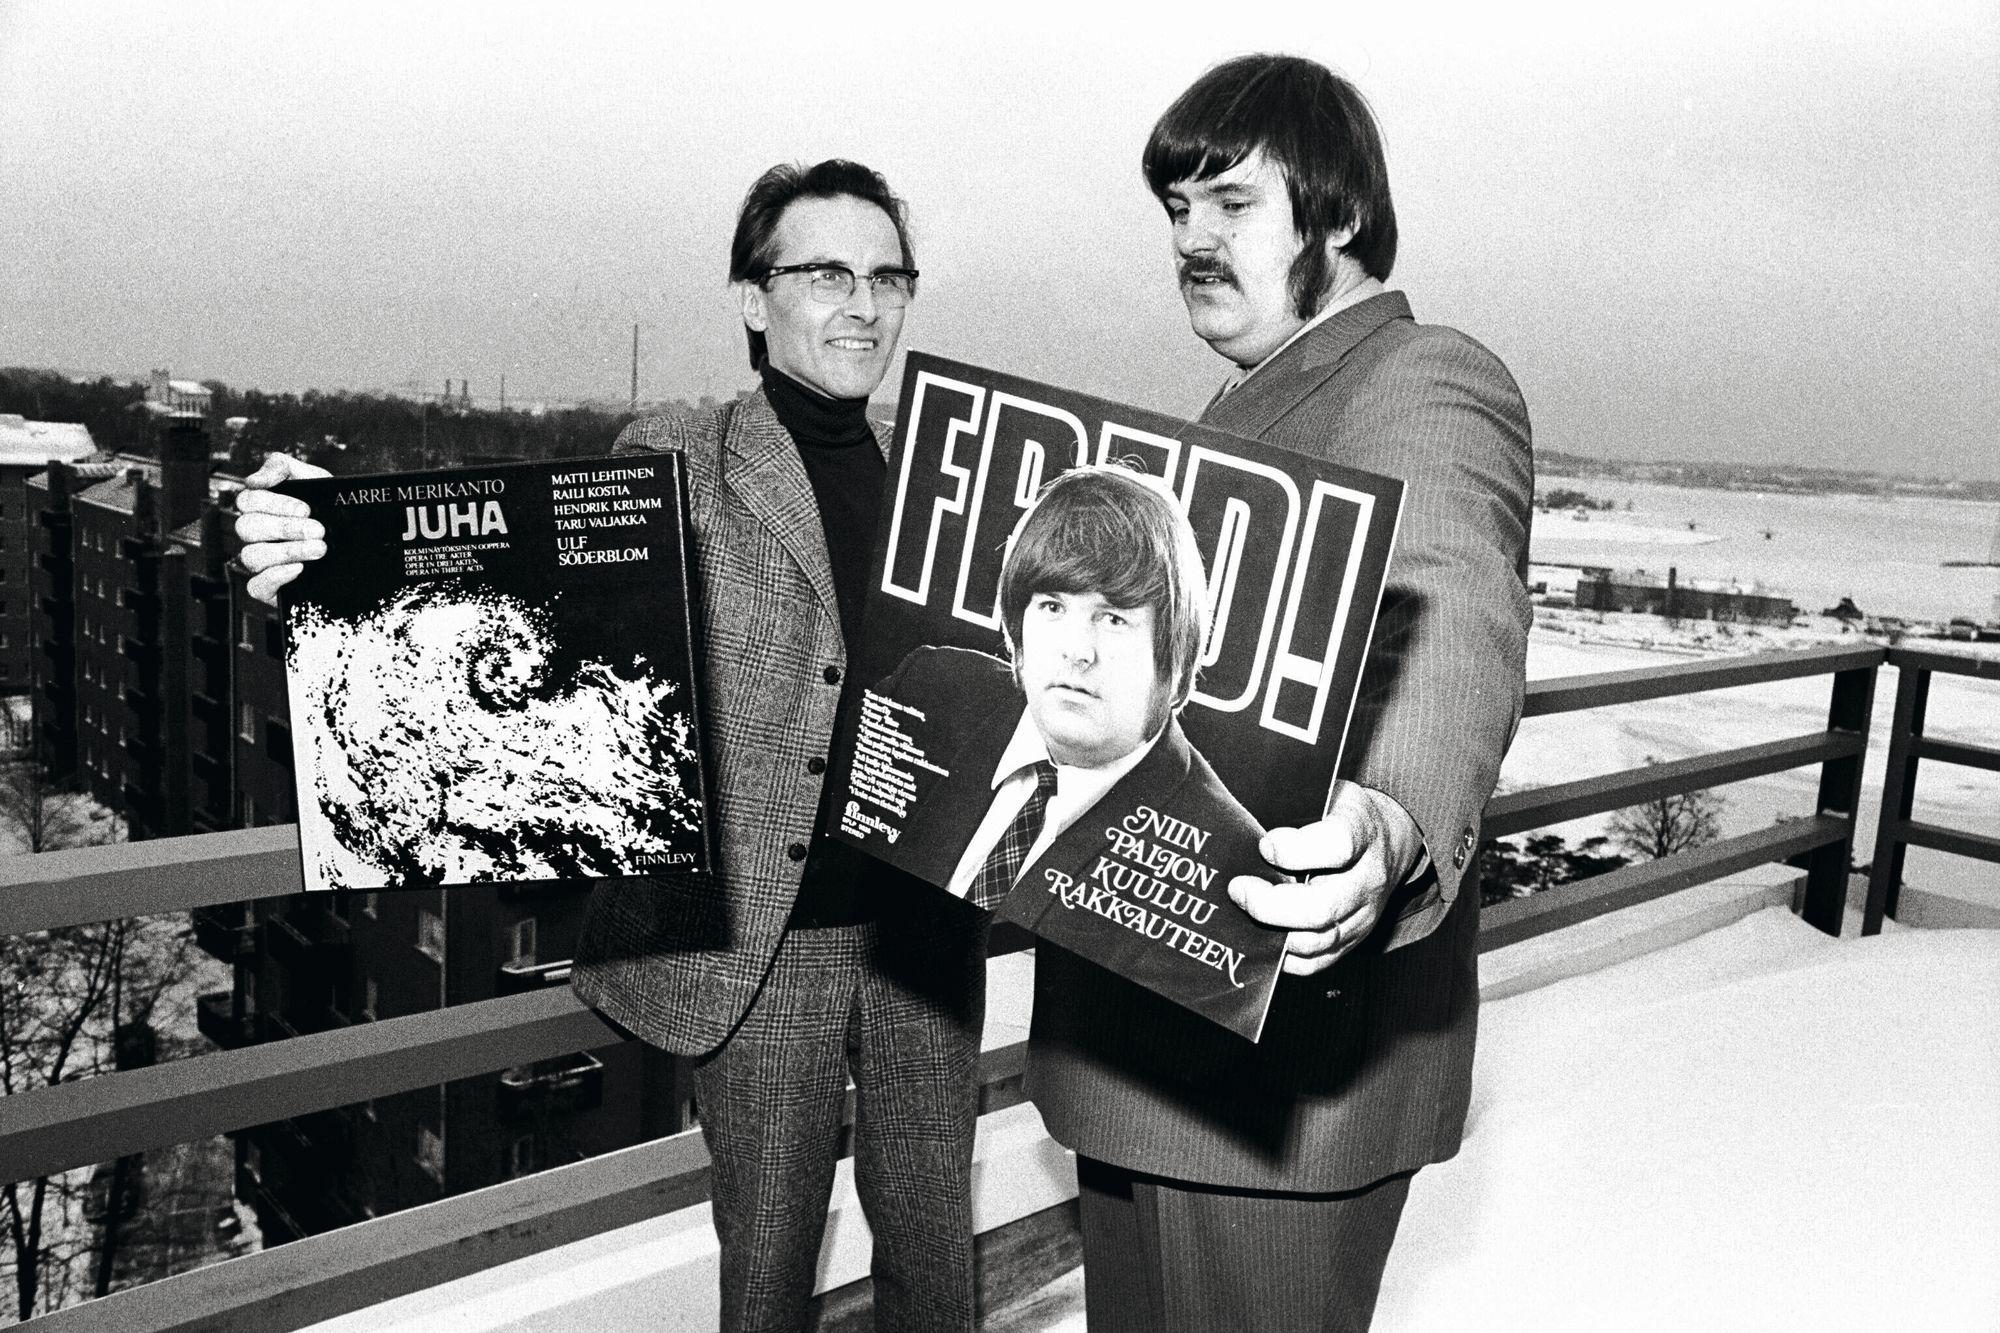 Fredin levy Niin paljon kuuluu rakkauteen palkittiin kevyen musiikin ykkösenä vuonna 1973. © Lehtikuva